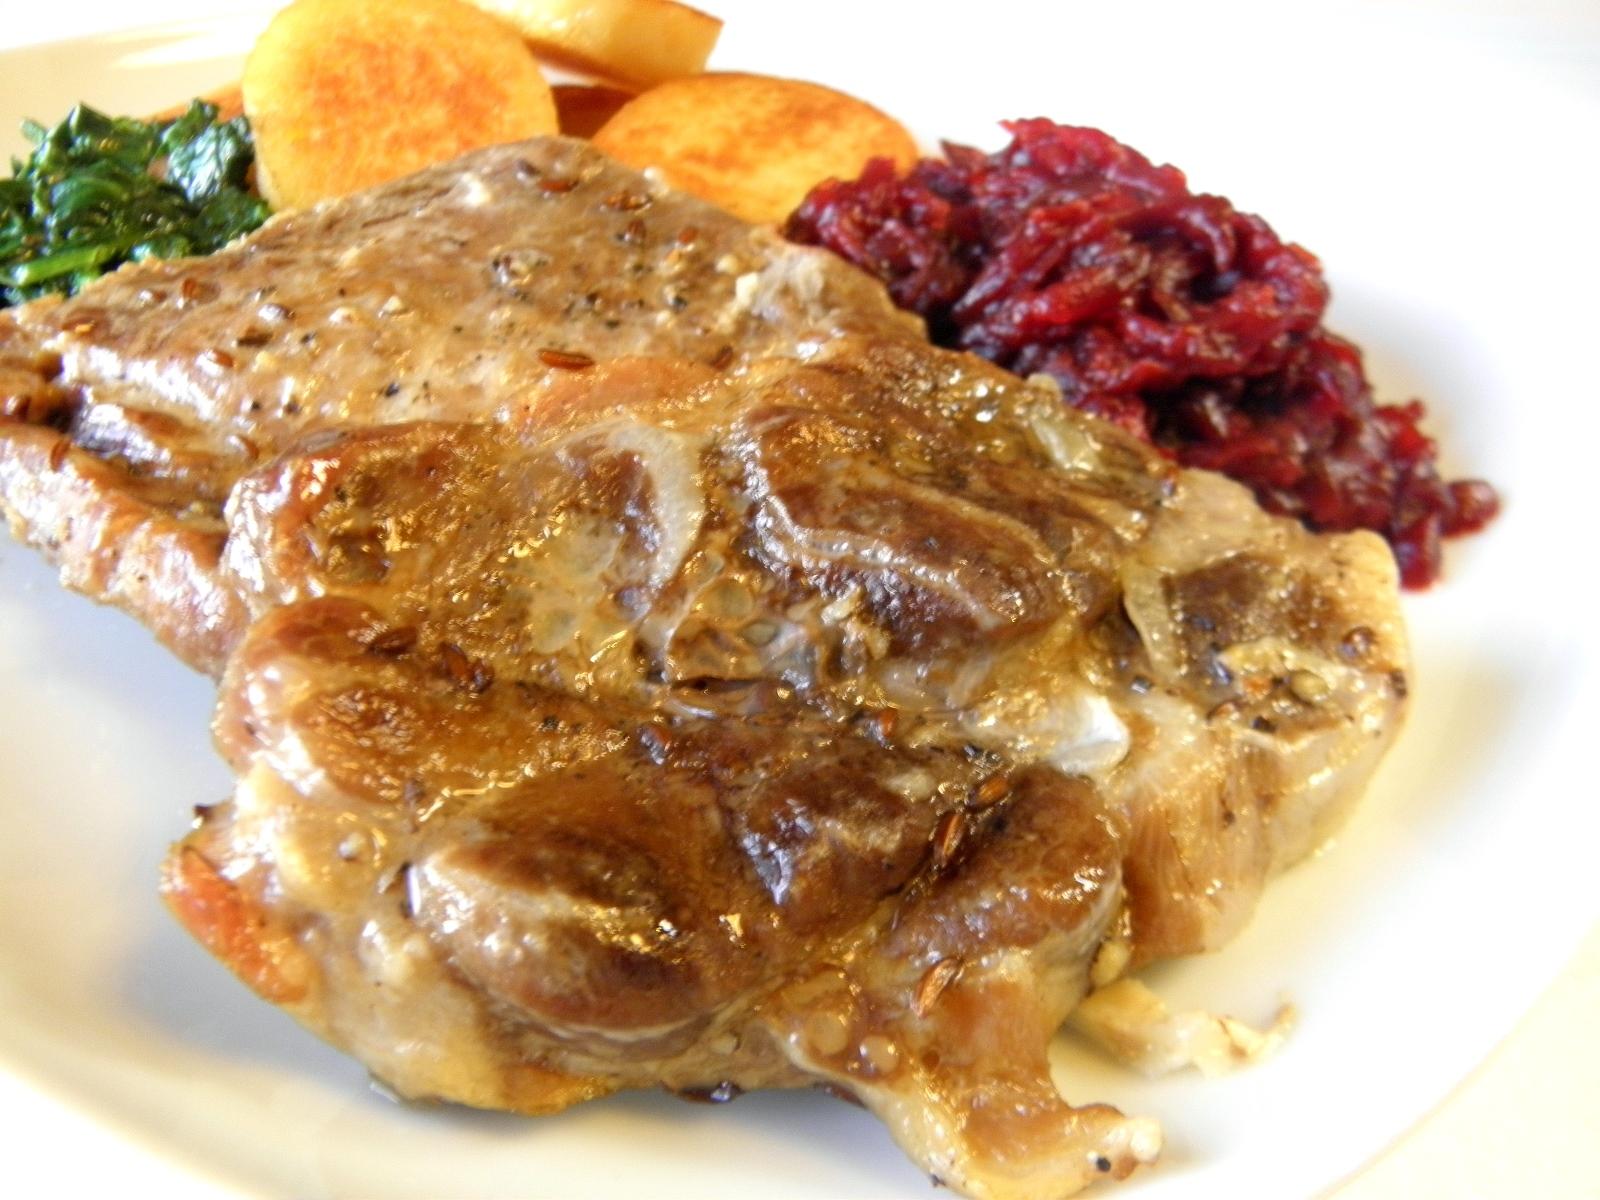 Fotografie receptu: Minutková krkovička s červenou řepou a špenátem